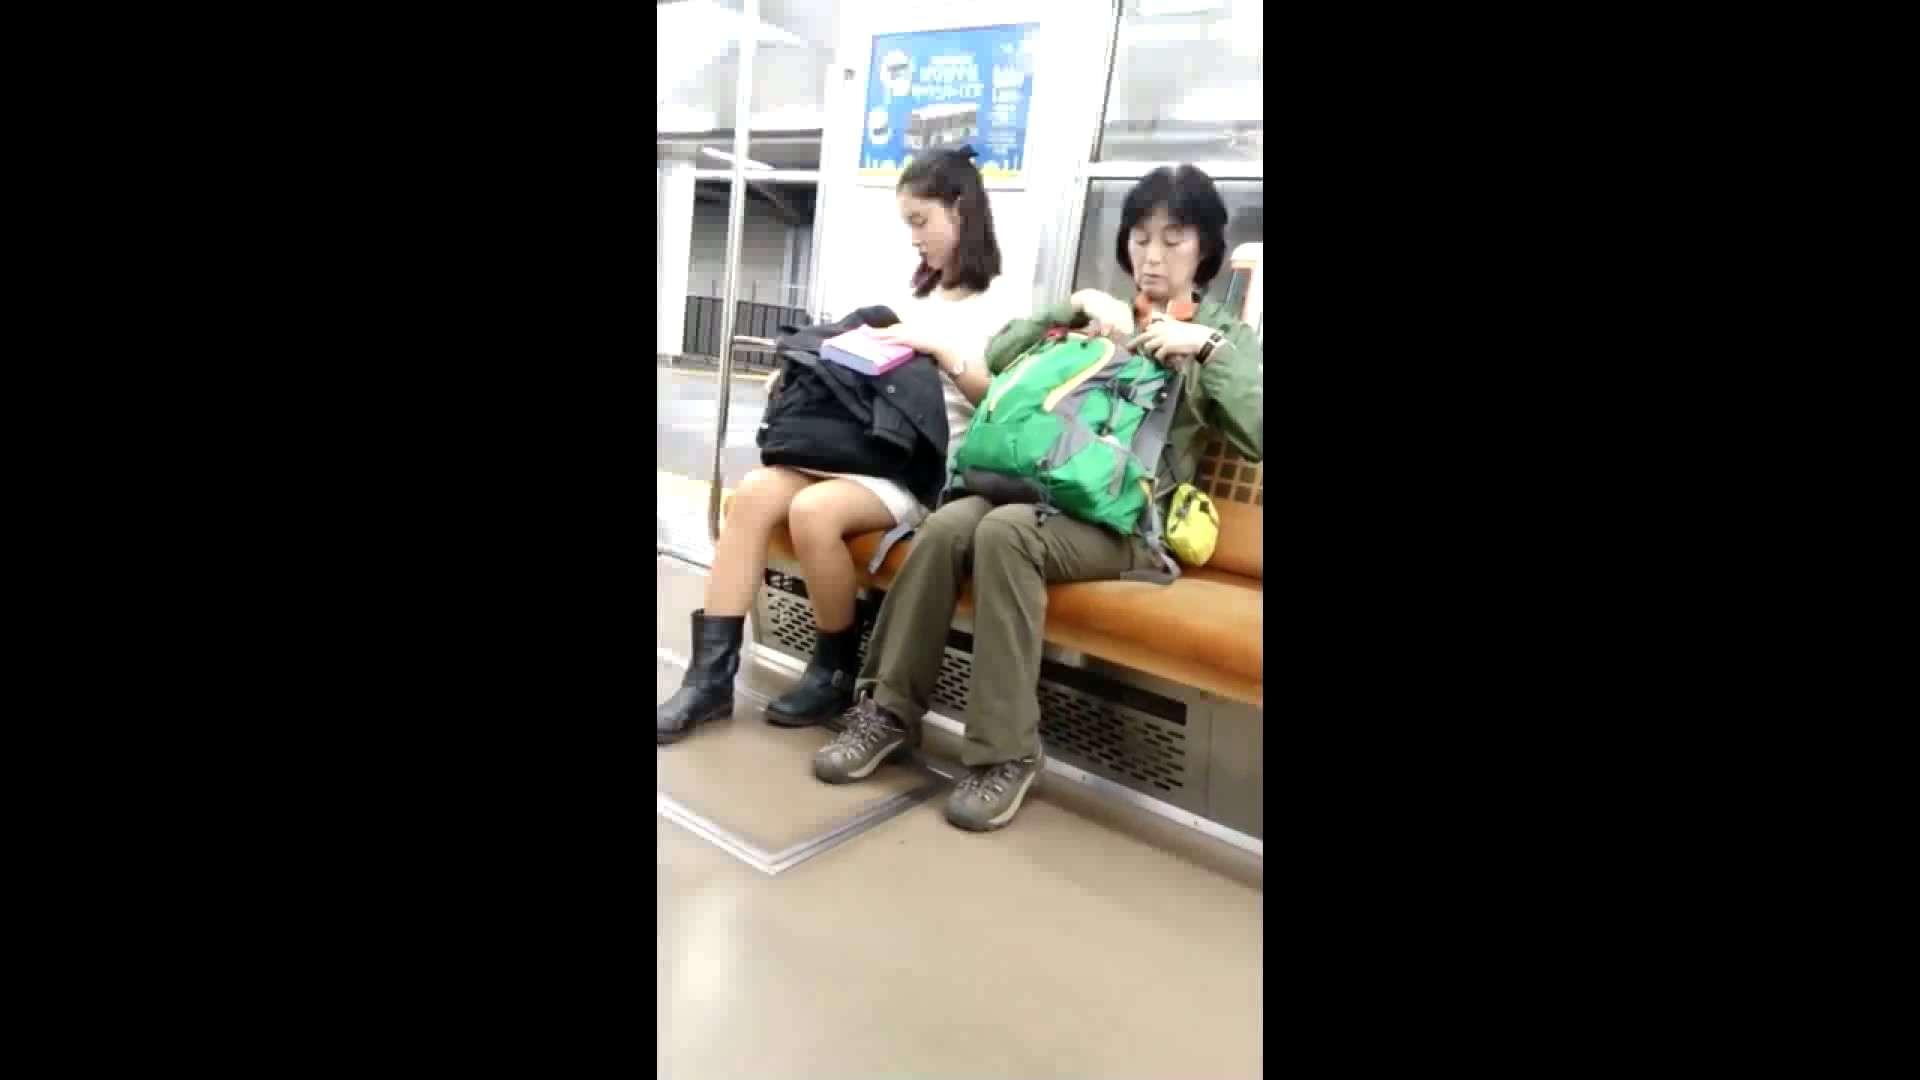 盗撮列車 vol.02 NINJAさんの粘着撮り 盗撮で悶絶 AV動画キャプチャ 73画像 70